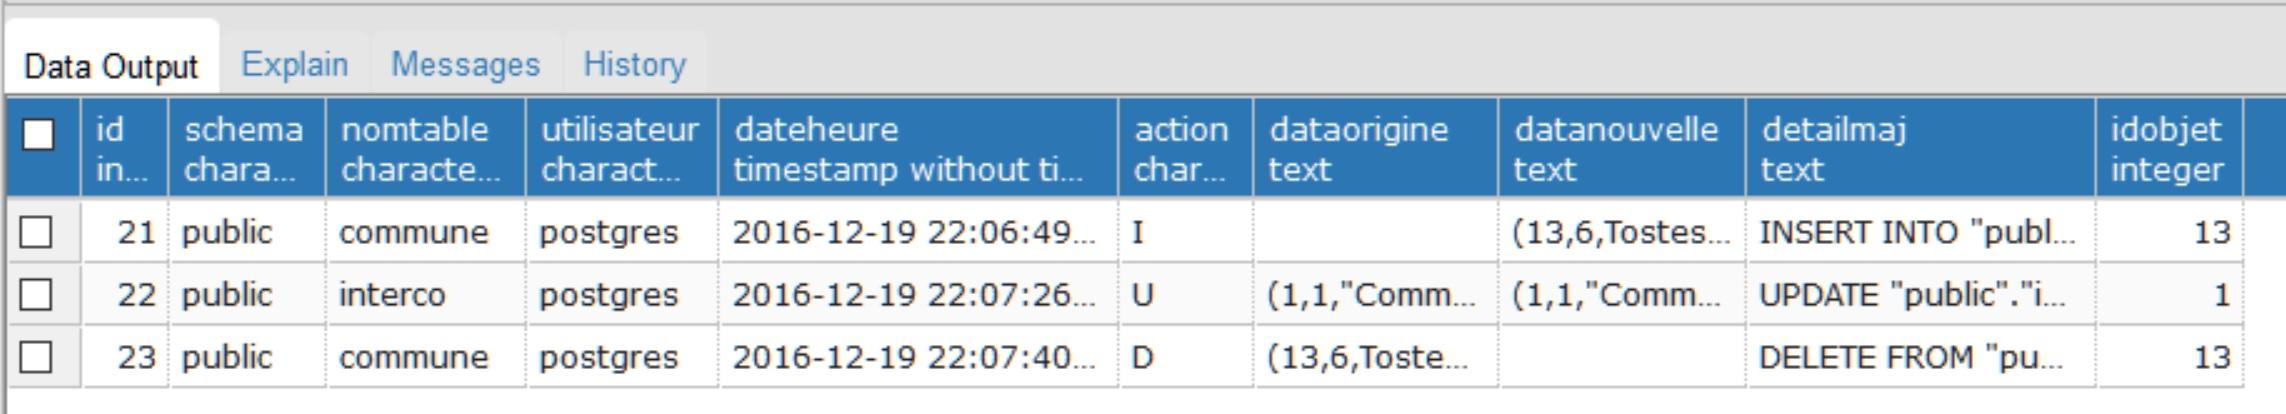 Tutoriel Impuls'Map - Trigger suivi mises à jour PostgreSQL PostGIS - PostgreSQL View Data